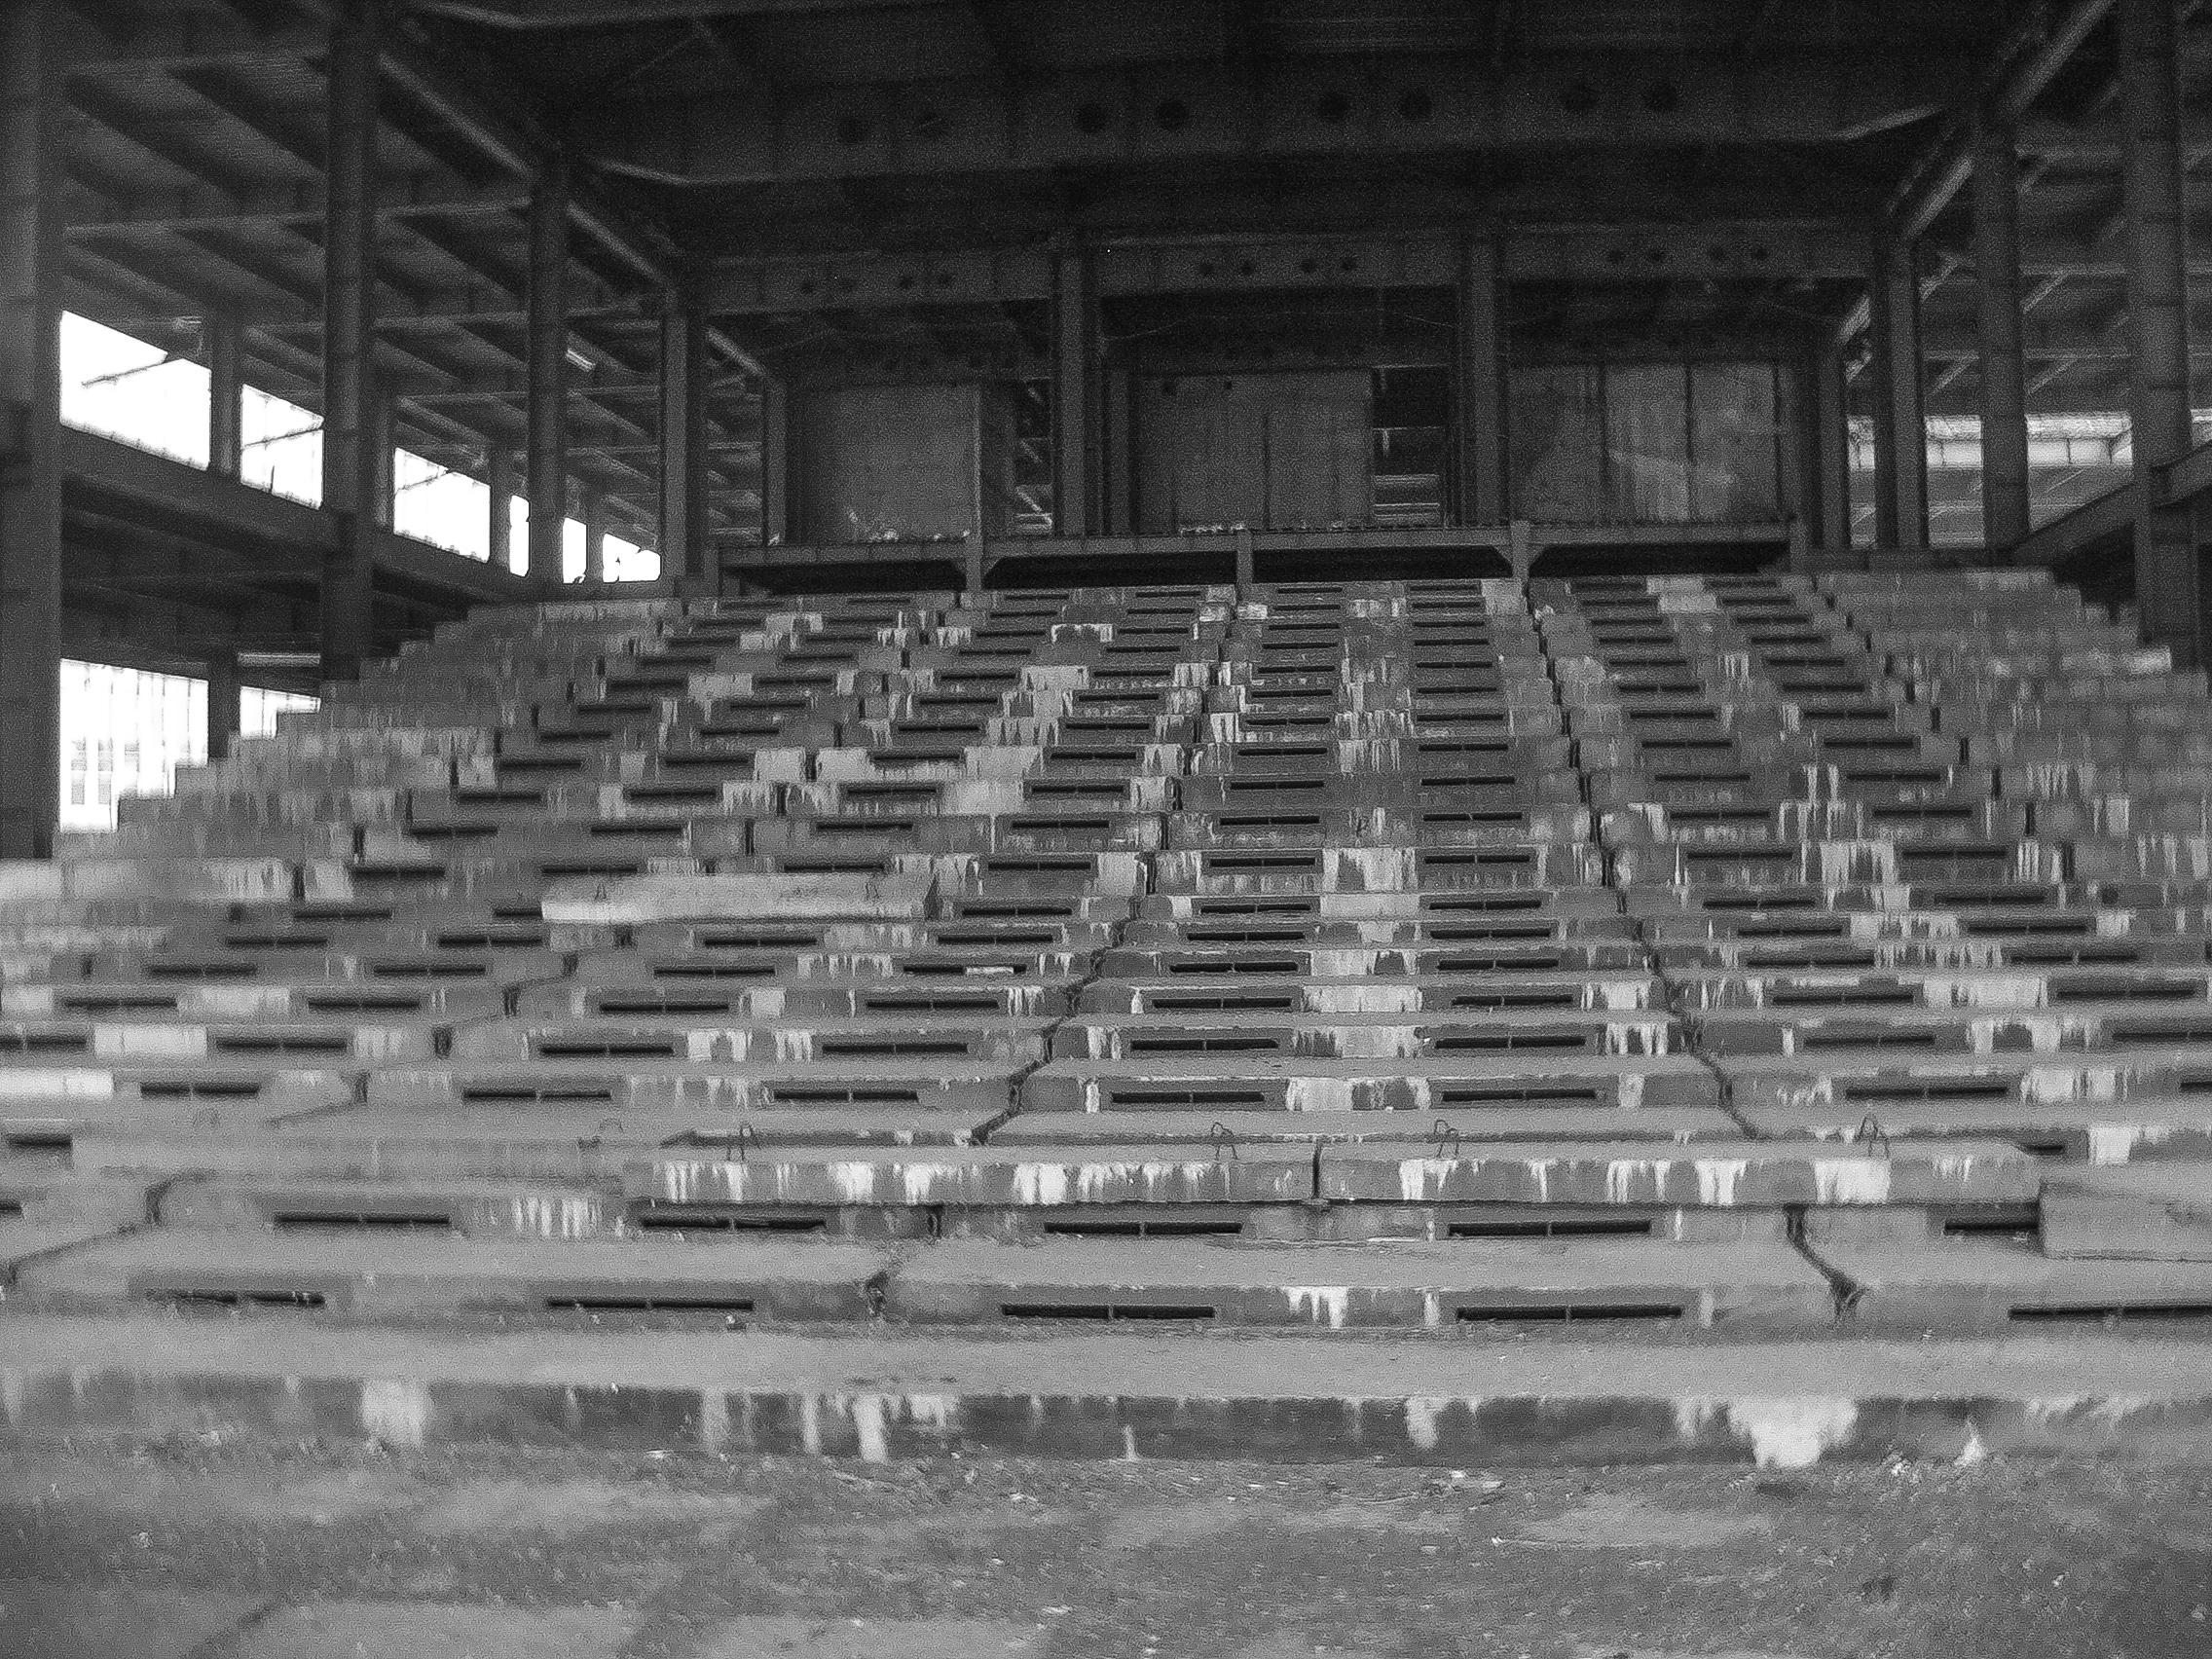 Schody u podnóża budynku (fot. Damian Dziura)